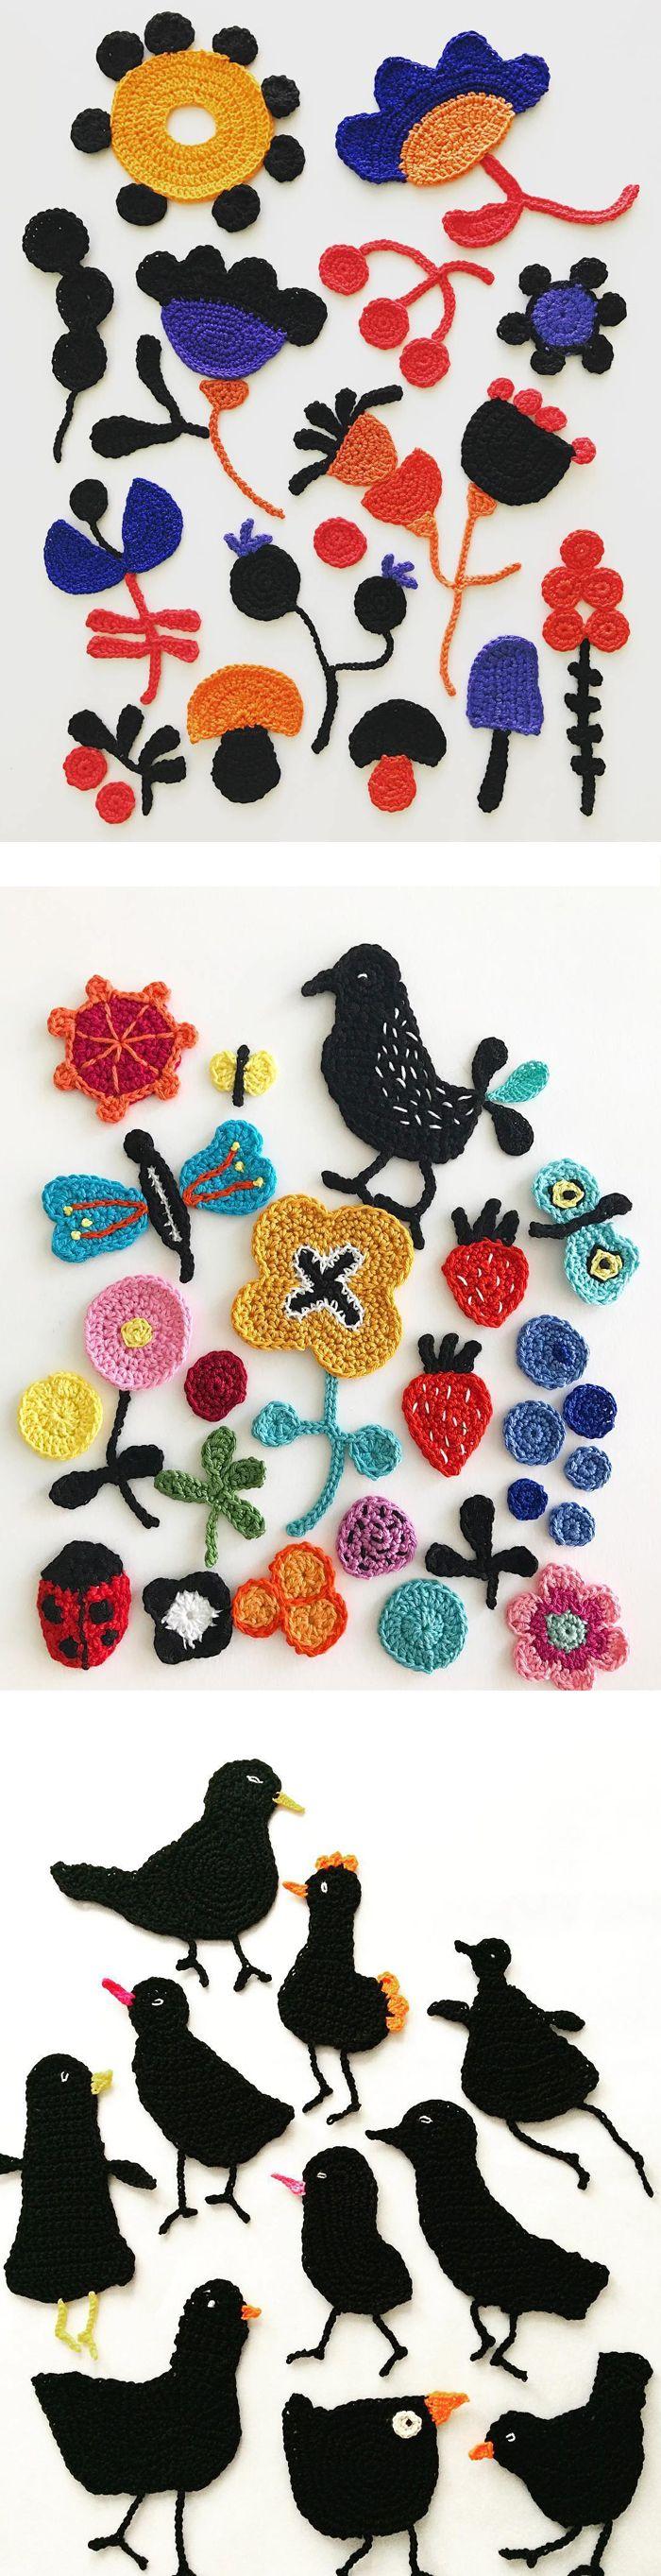 Crochet art by Tuija Heikkinen // crochet // fiber art // embroidery illustration